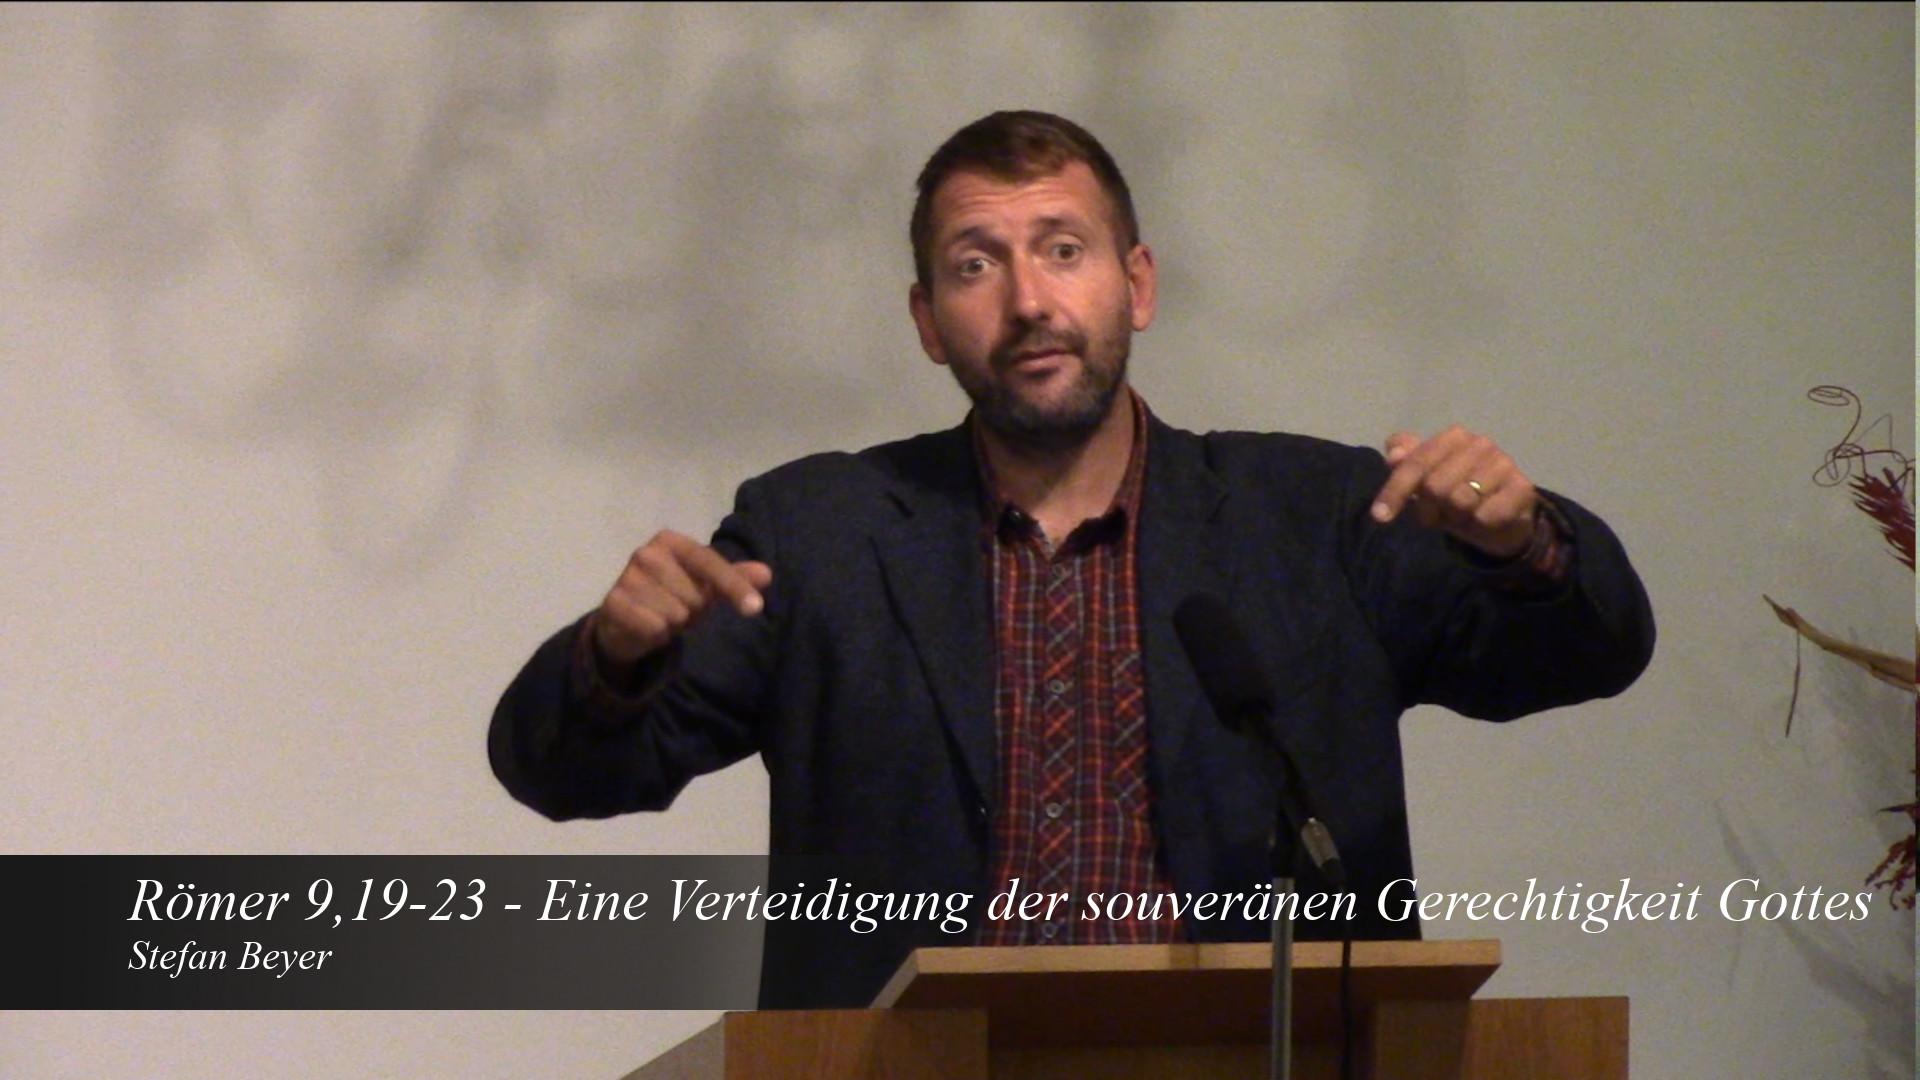 Eine Verteidigung der souveränen Gerechtigkeit Gottes